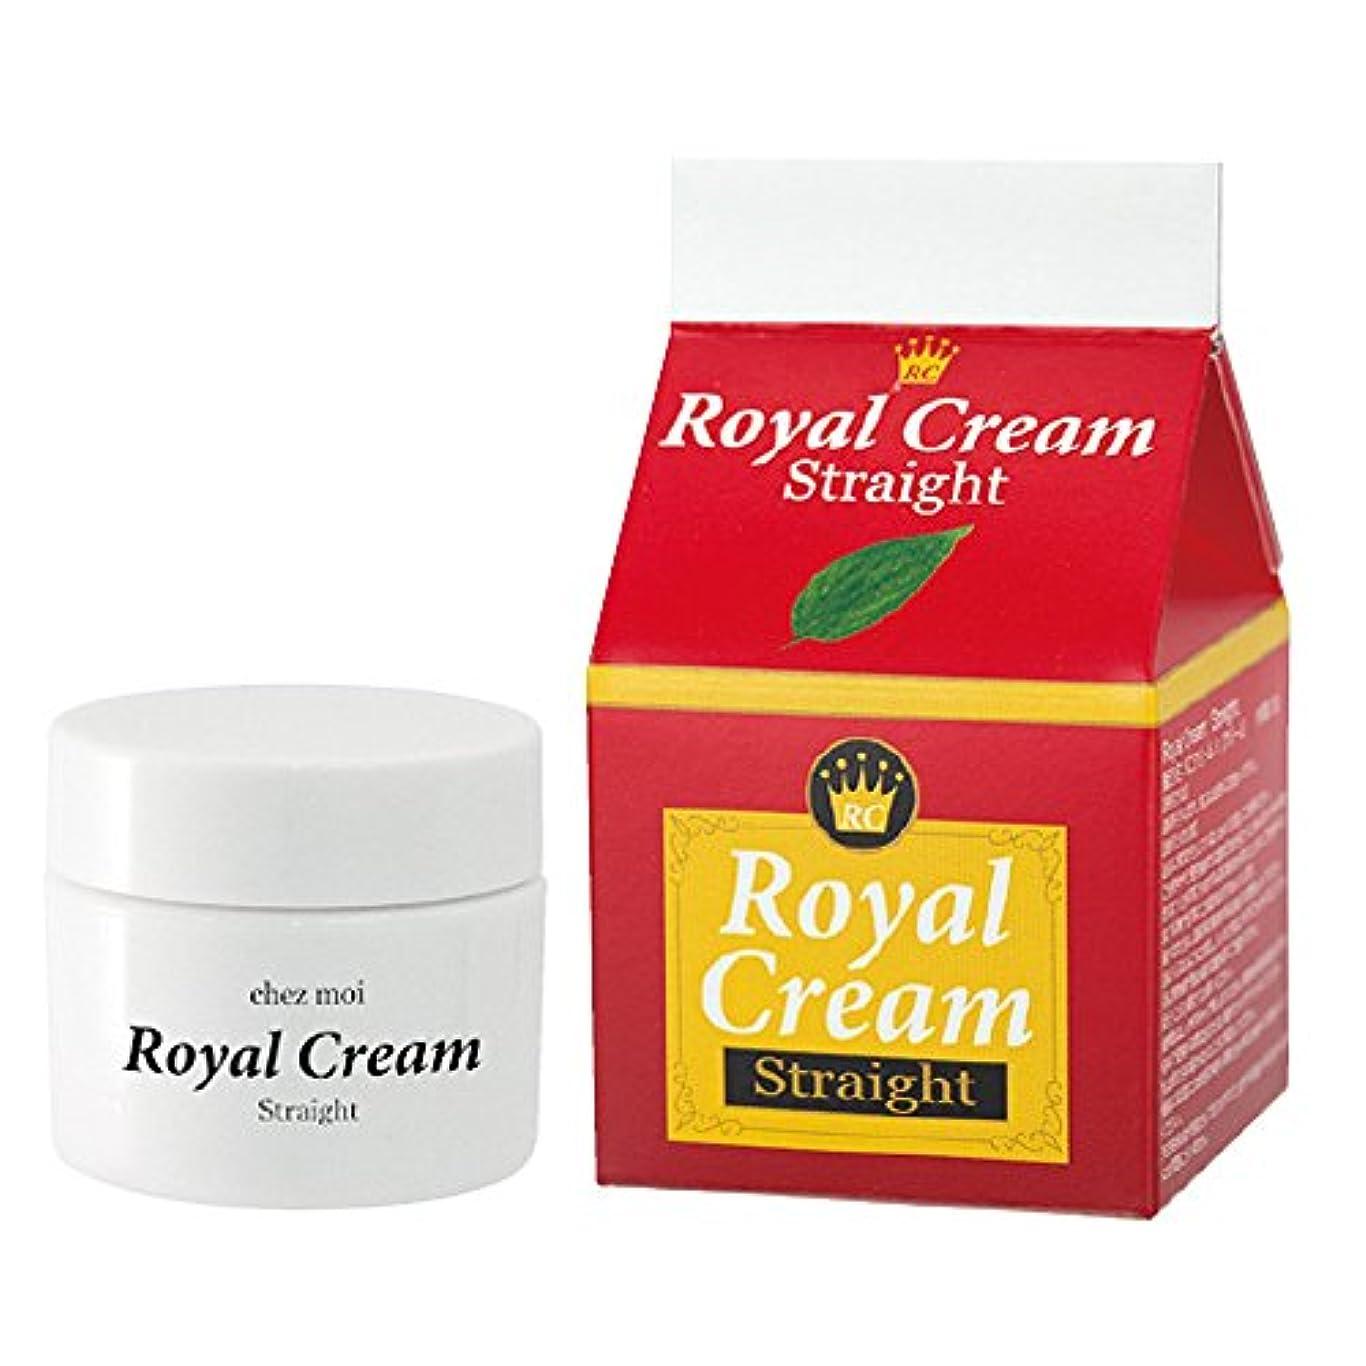 うなるむしゃむしゃ男やもめシェモア Royal Cream Straight(ロイヤルクリームストレート) 30g